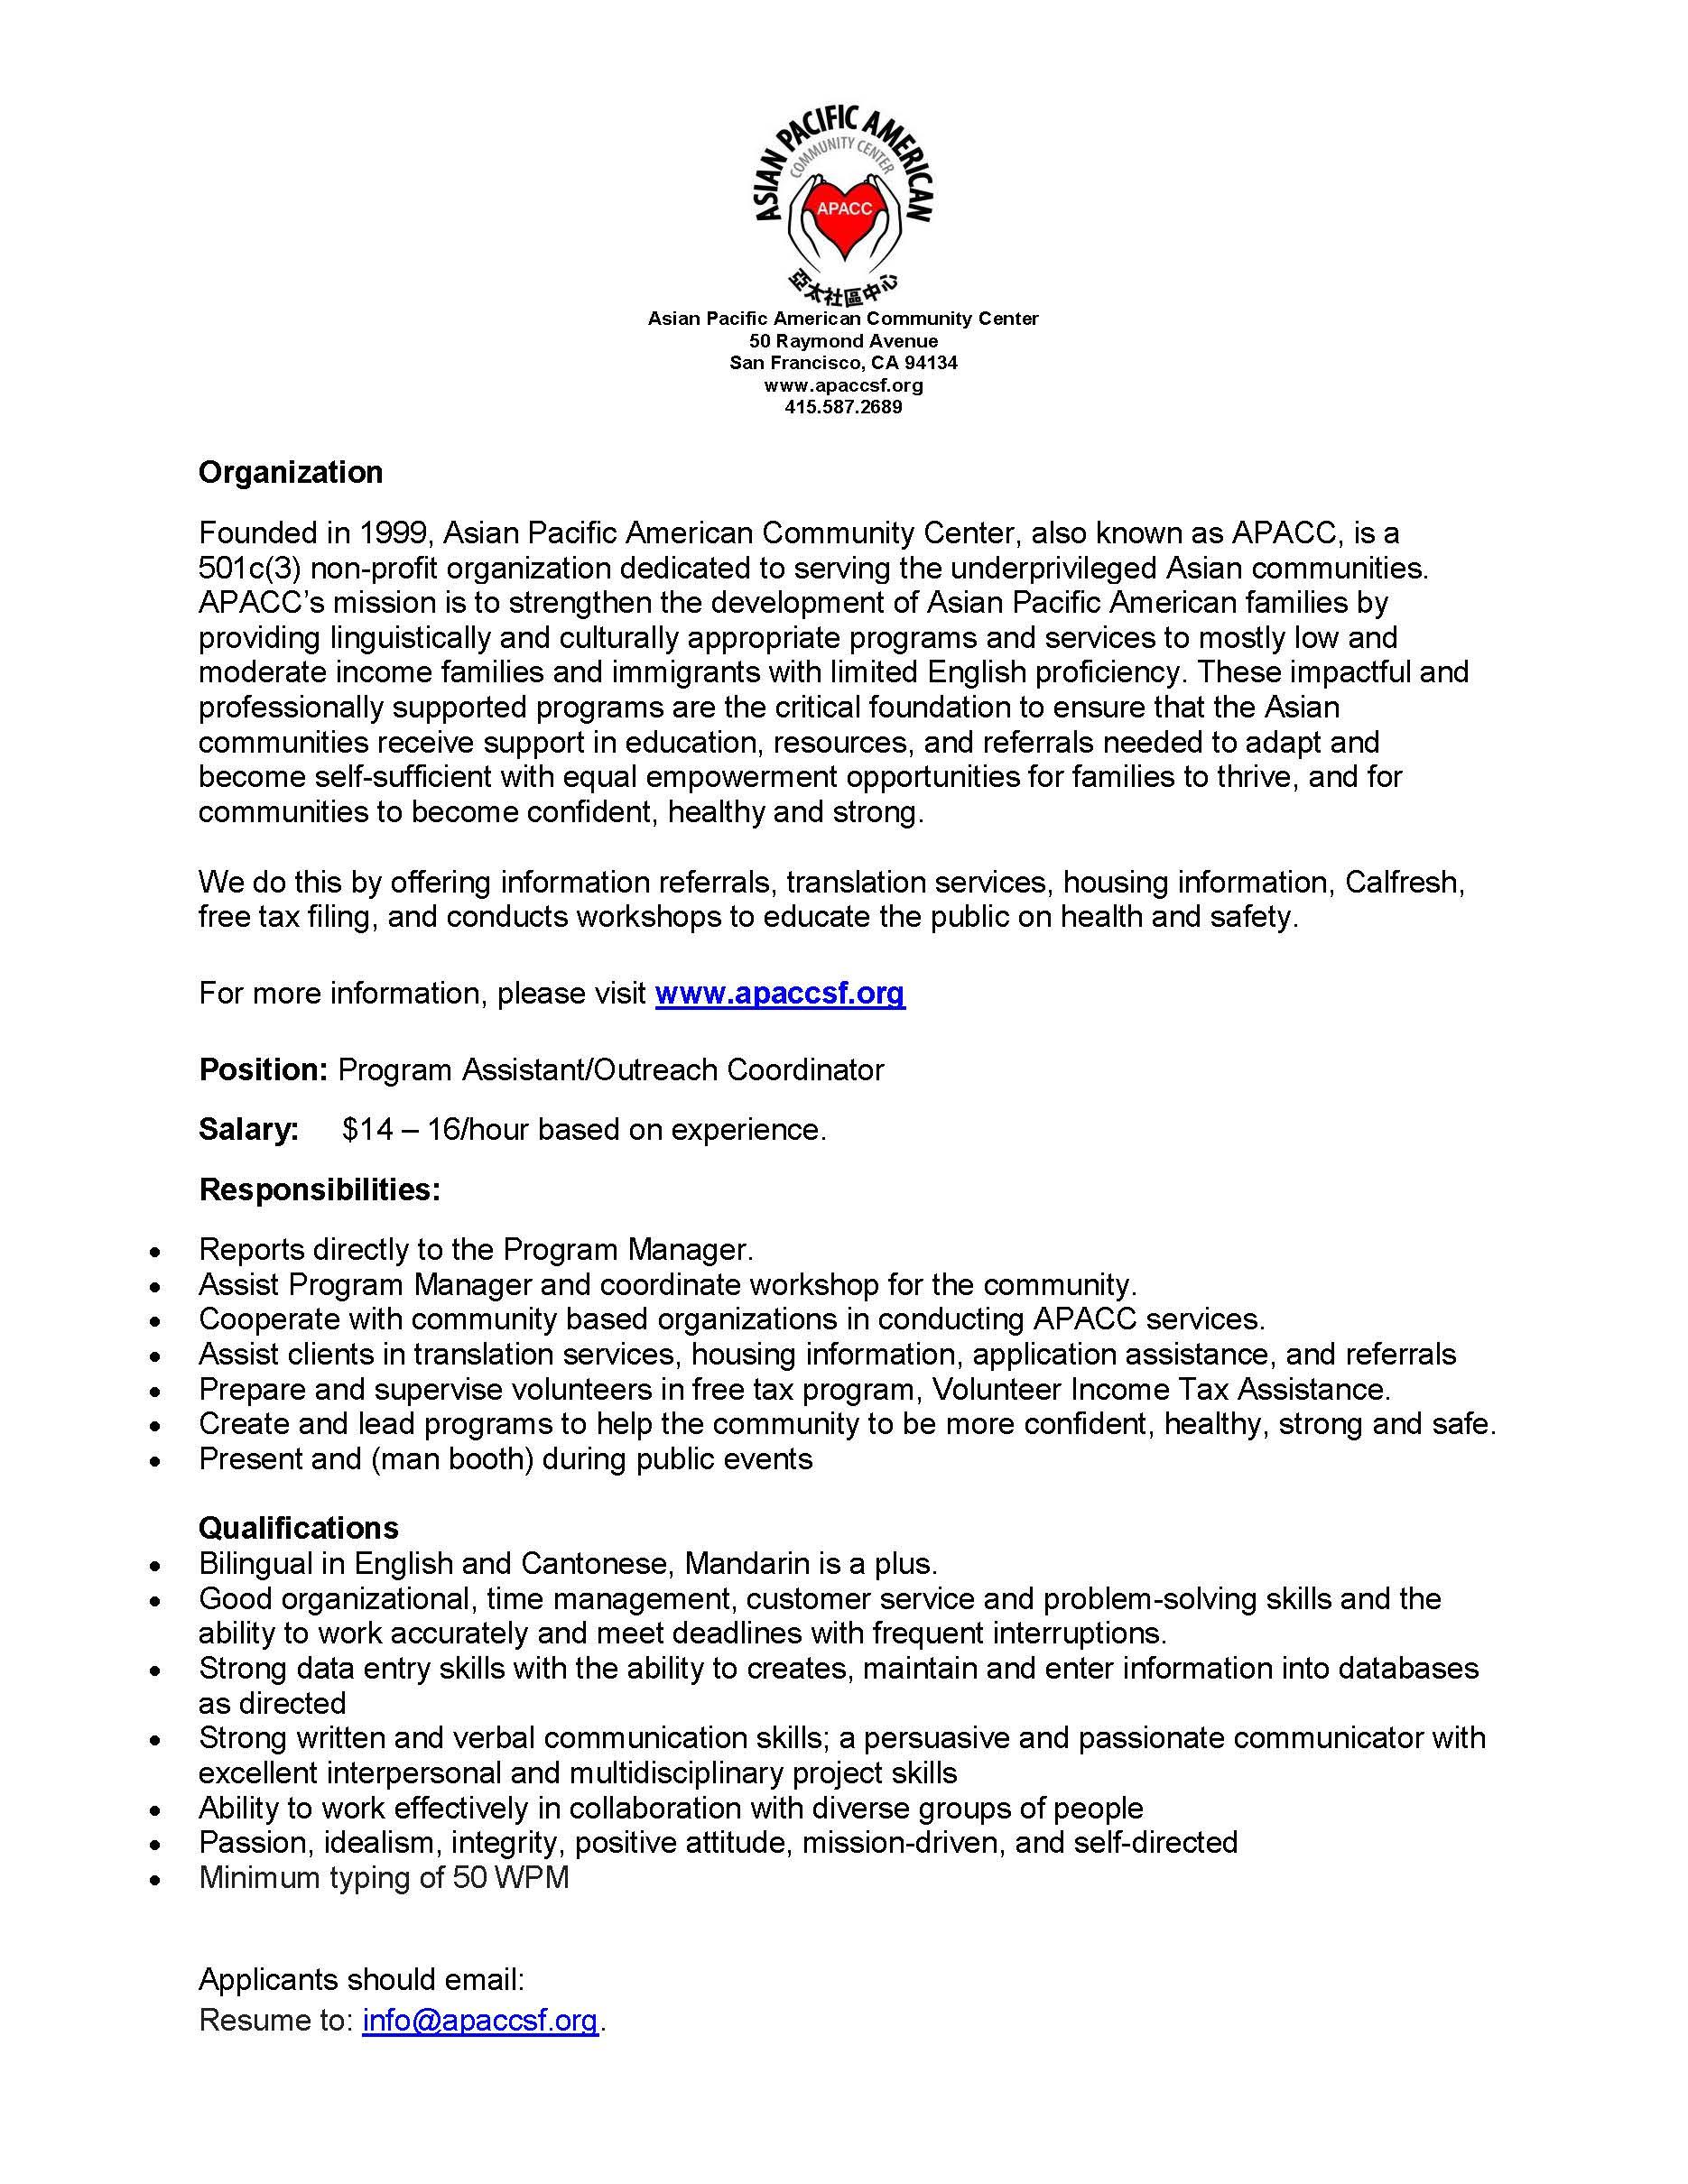 Program AssistantOutreach Coordinator  APACC